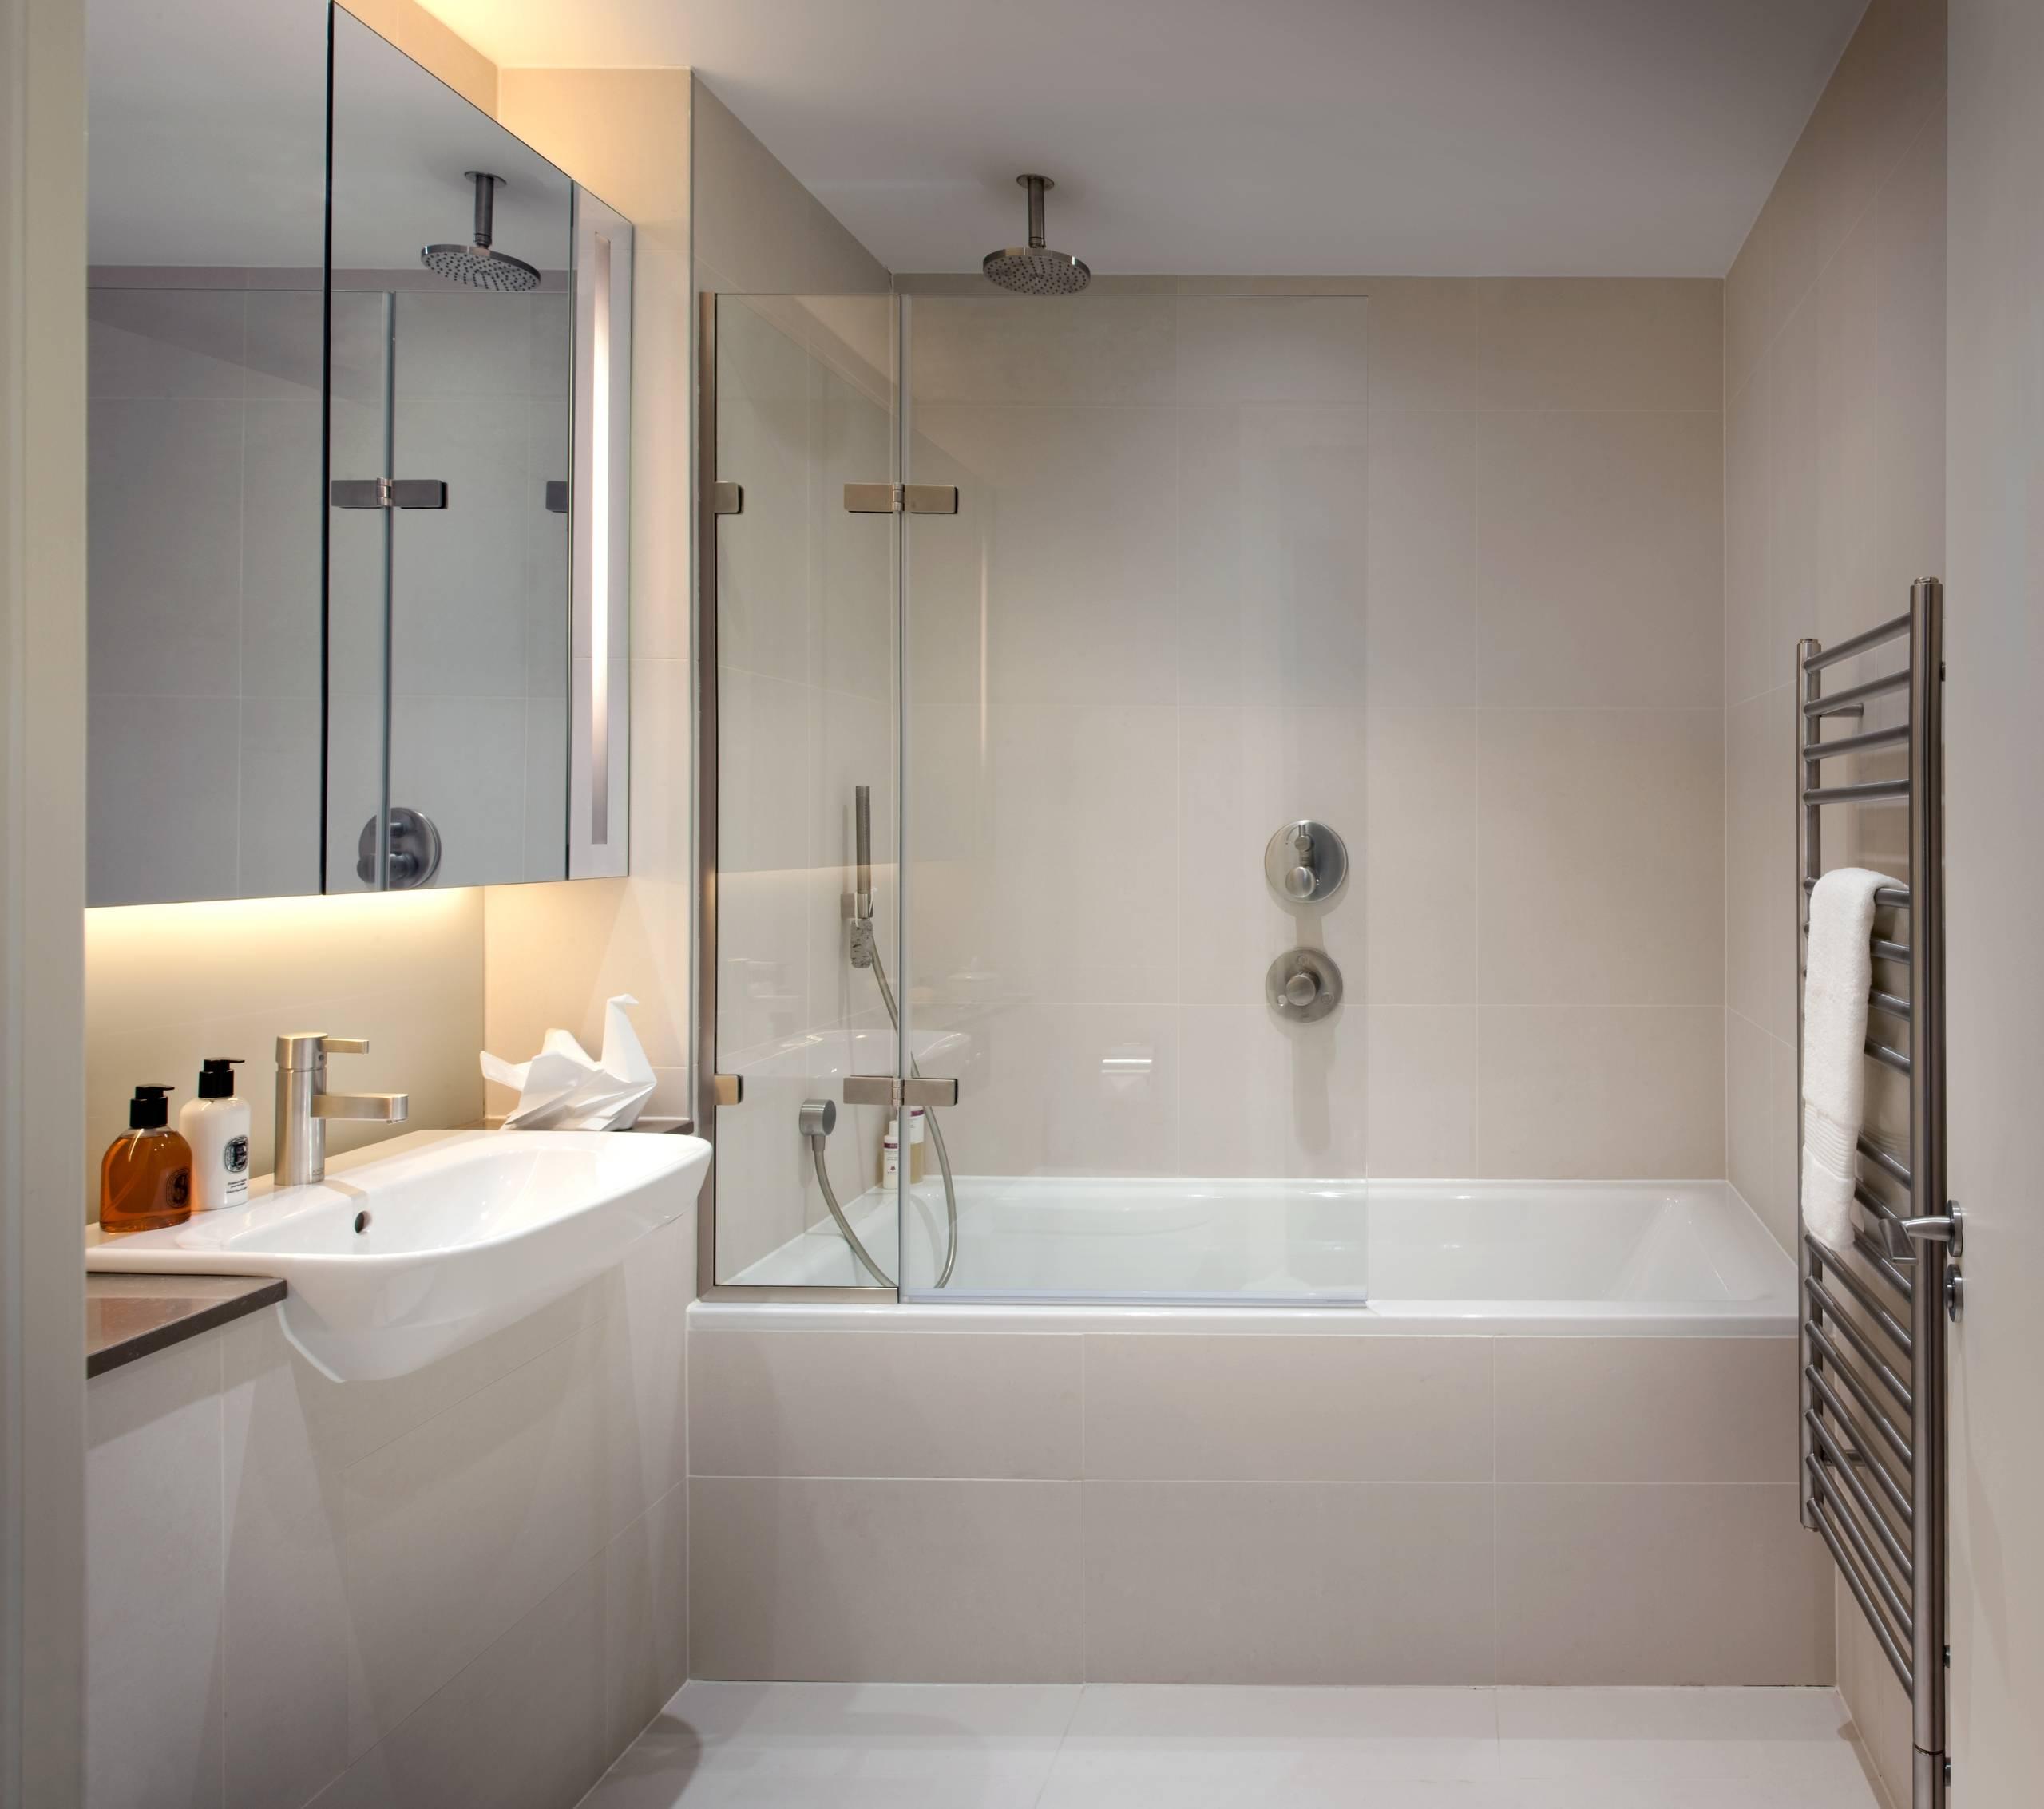 Дизайн маленькой ванной комнаты фото 2015 современные идеи фото